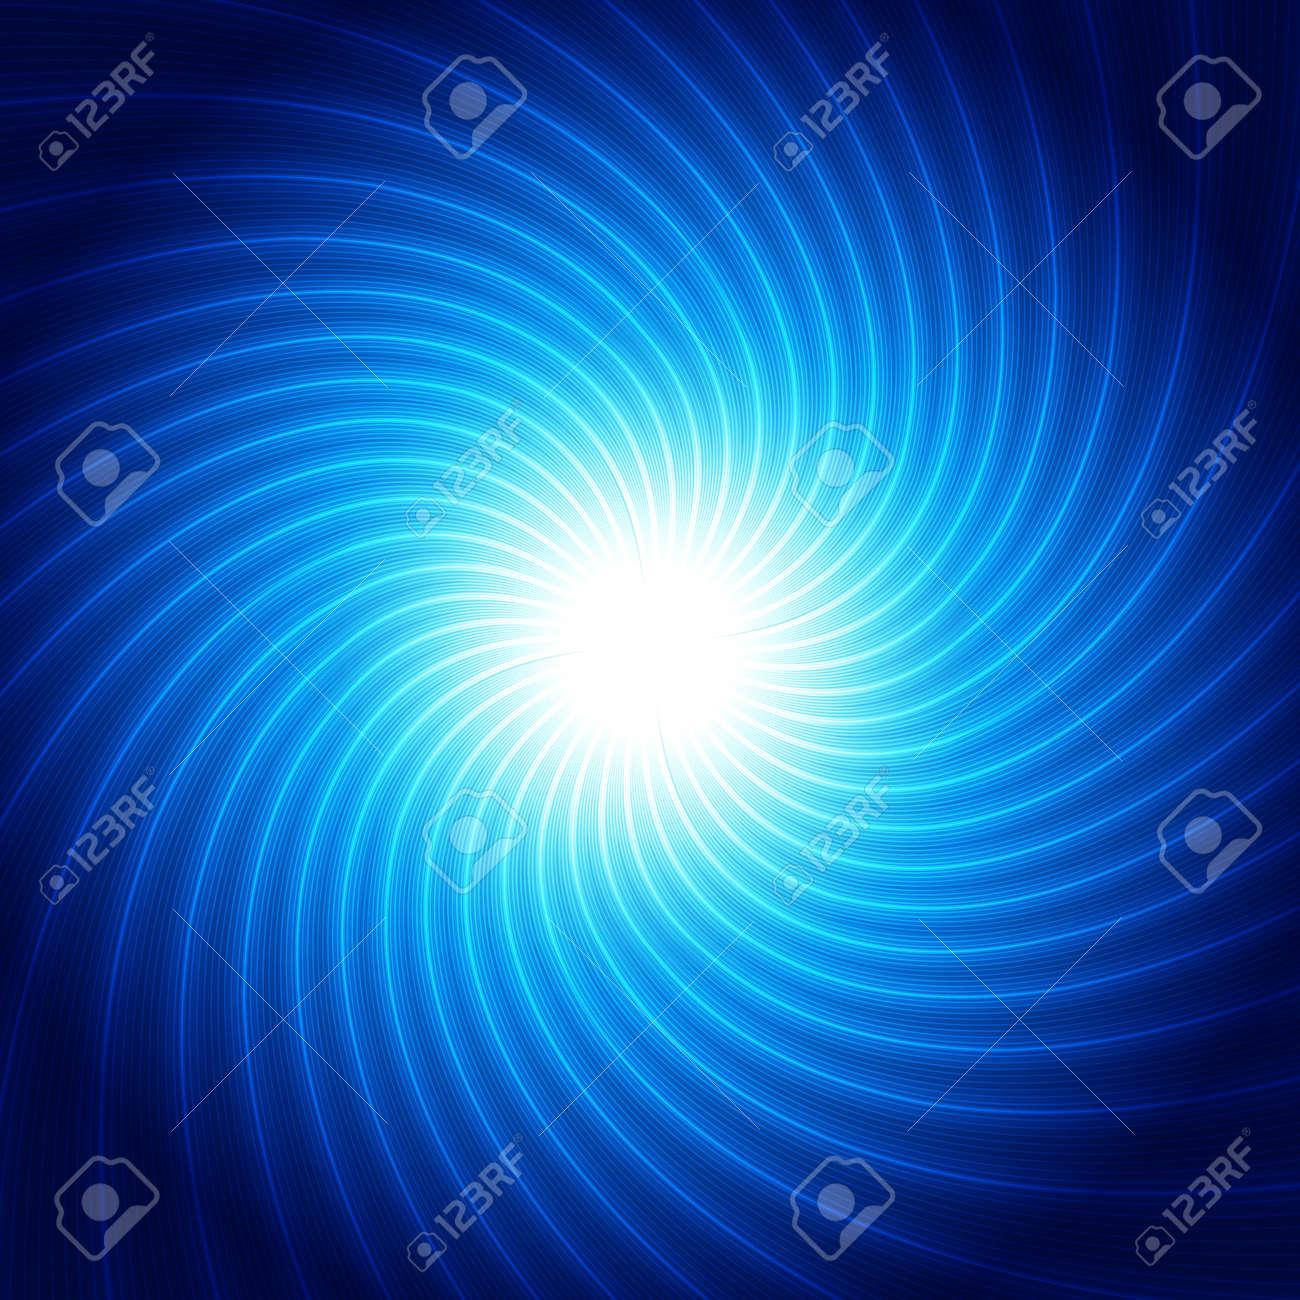 青い渦巻線 - デザイン コンセプトのイラスト素材・ベクタ - Image ...